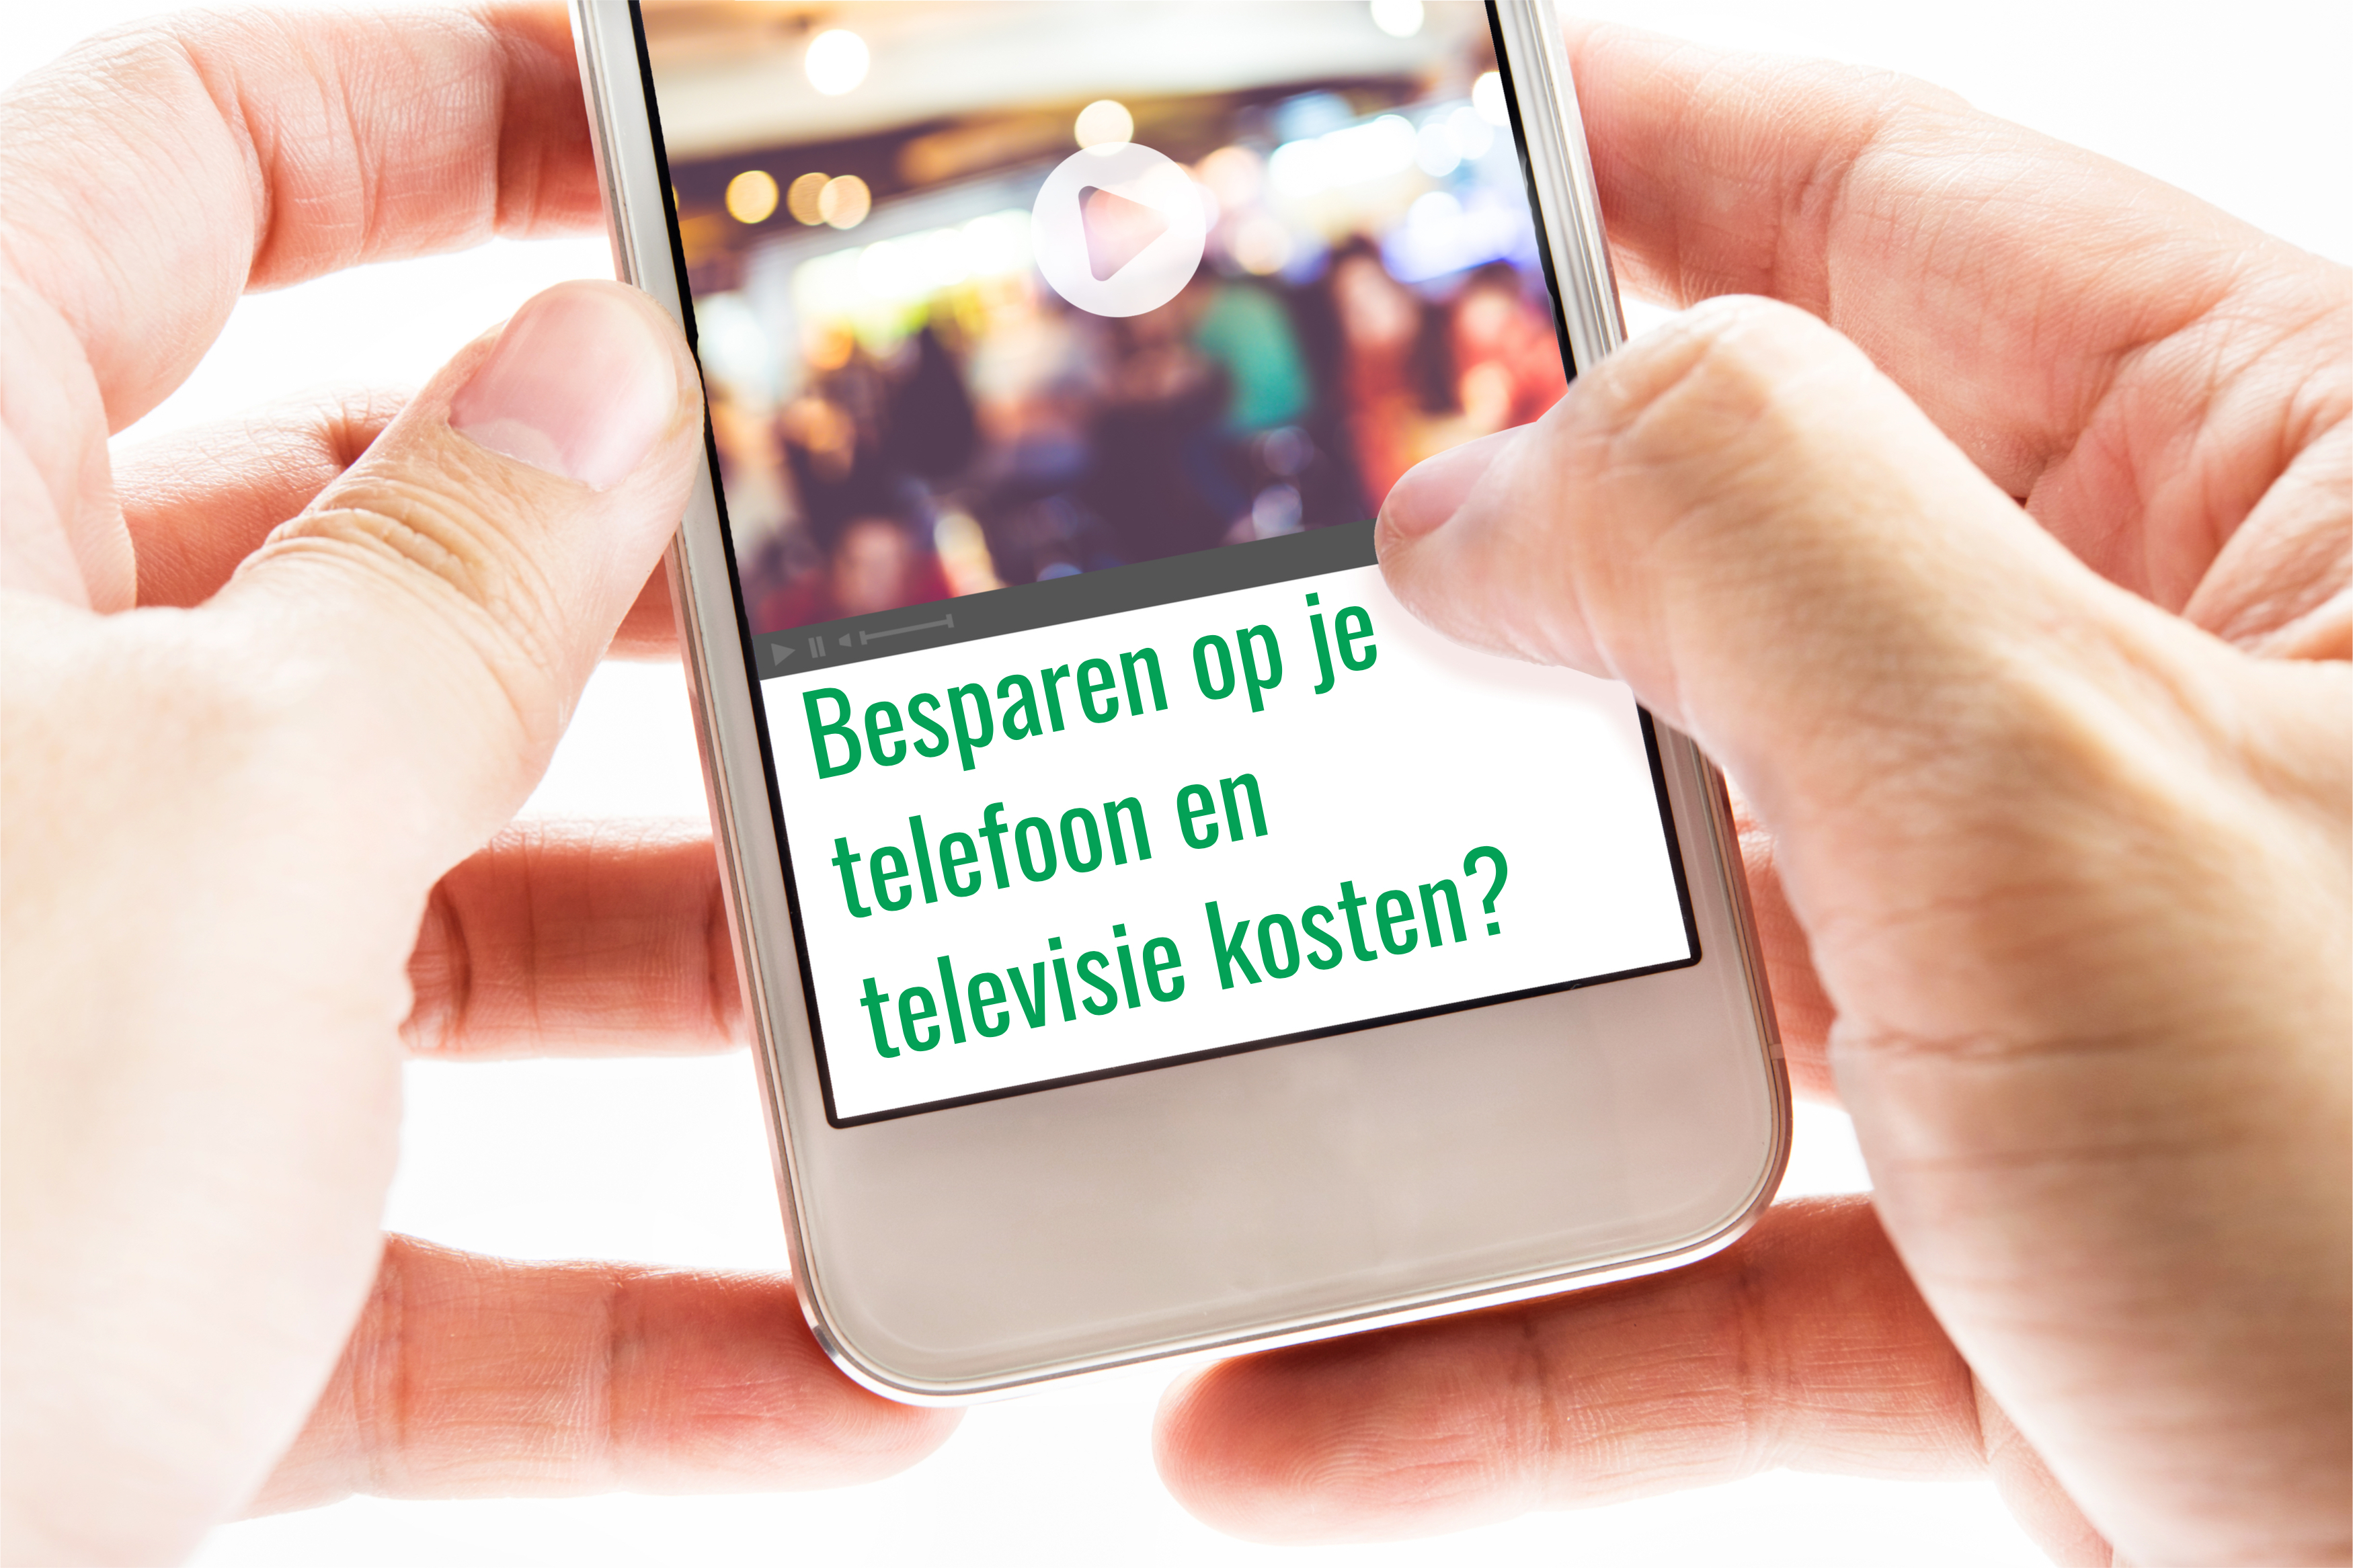 Besparen op je telefoon en televisie kosten?